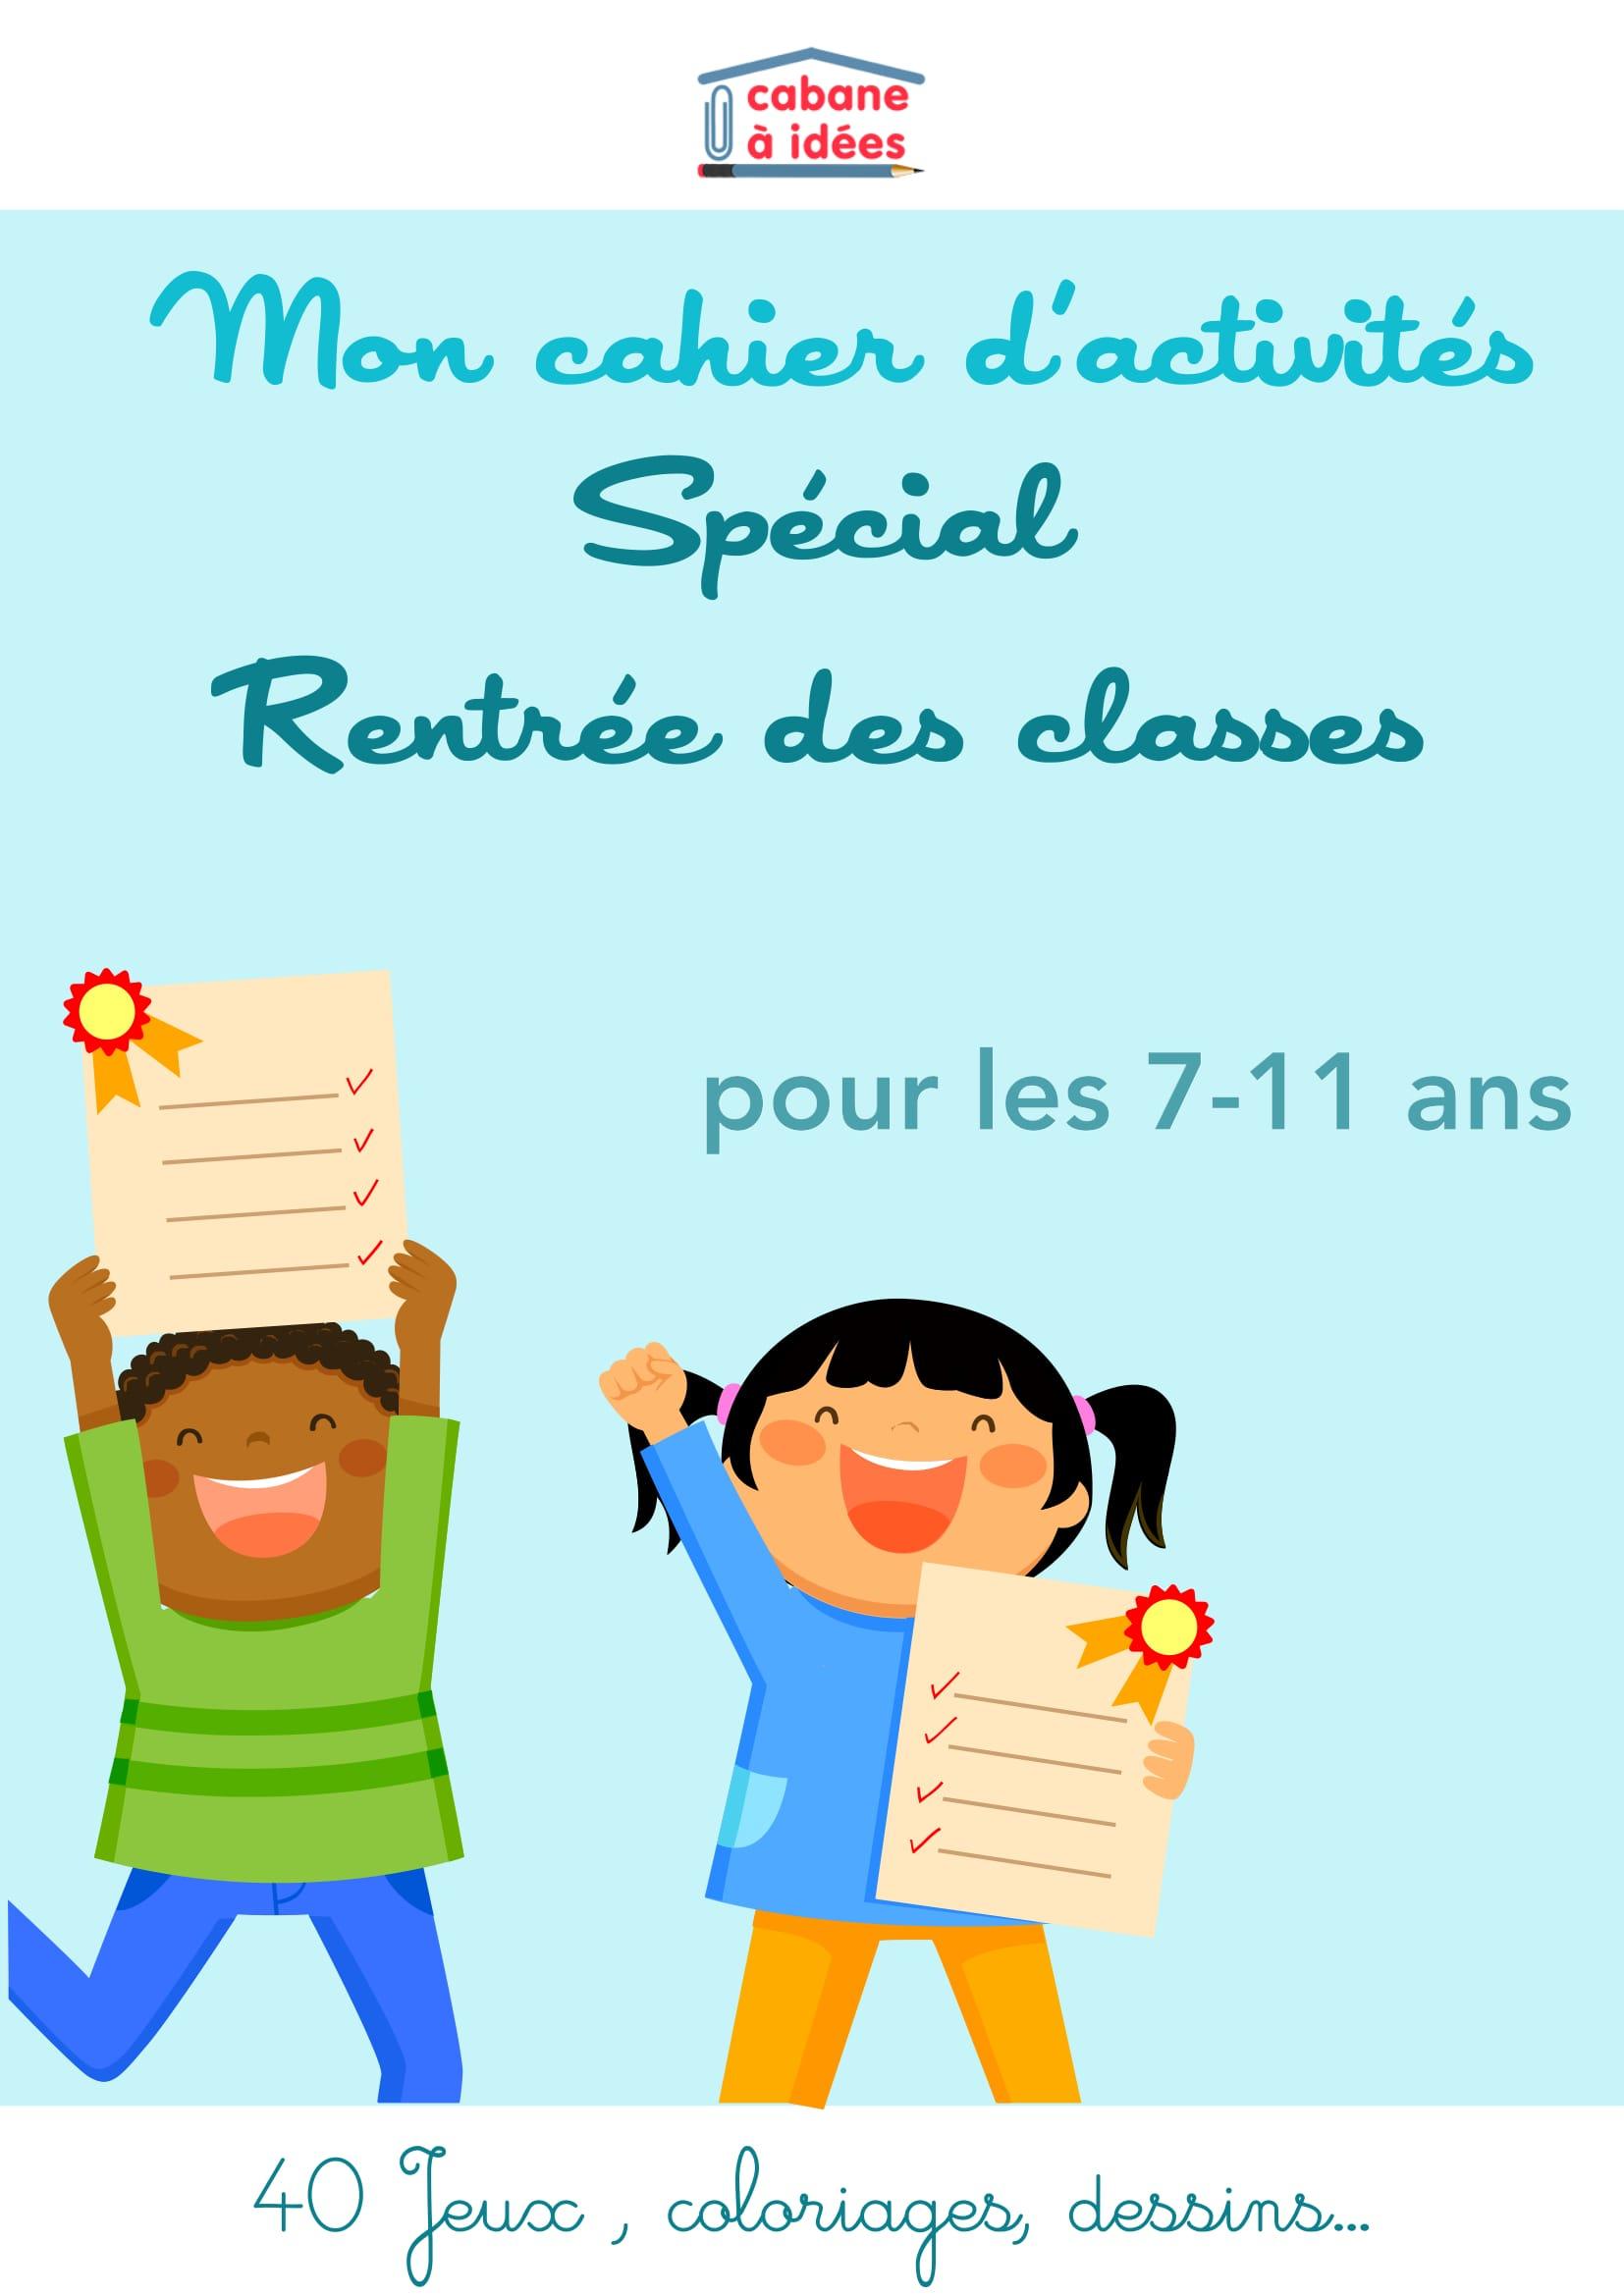 Les Cahiers D'activité Spécial Rentrée Scolaire - Cabane À Idées destiné Cahier D Activité Maternelle